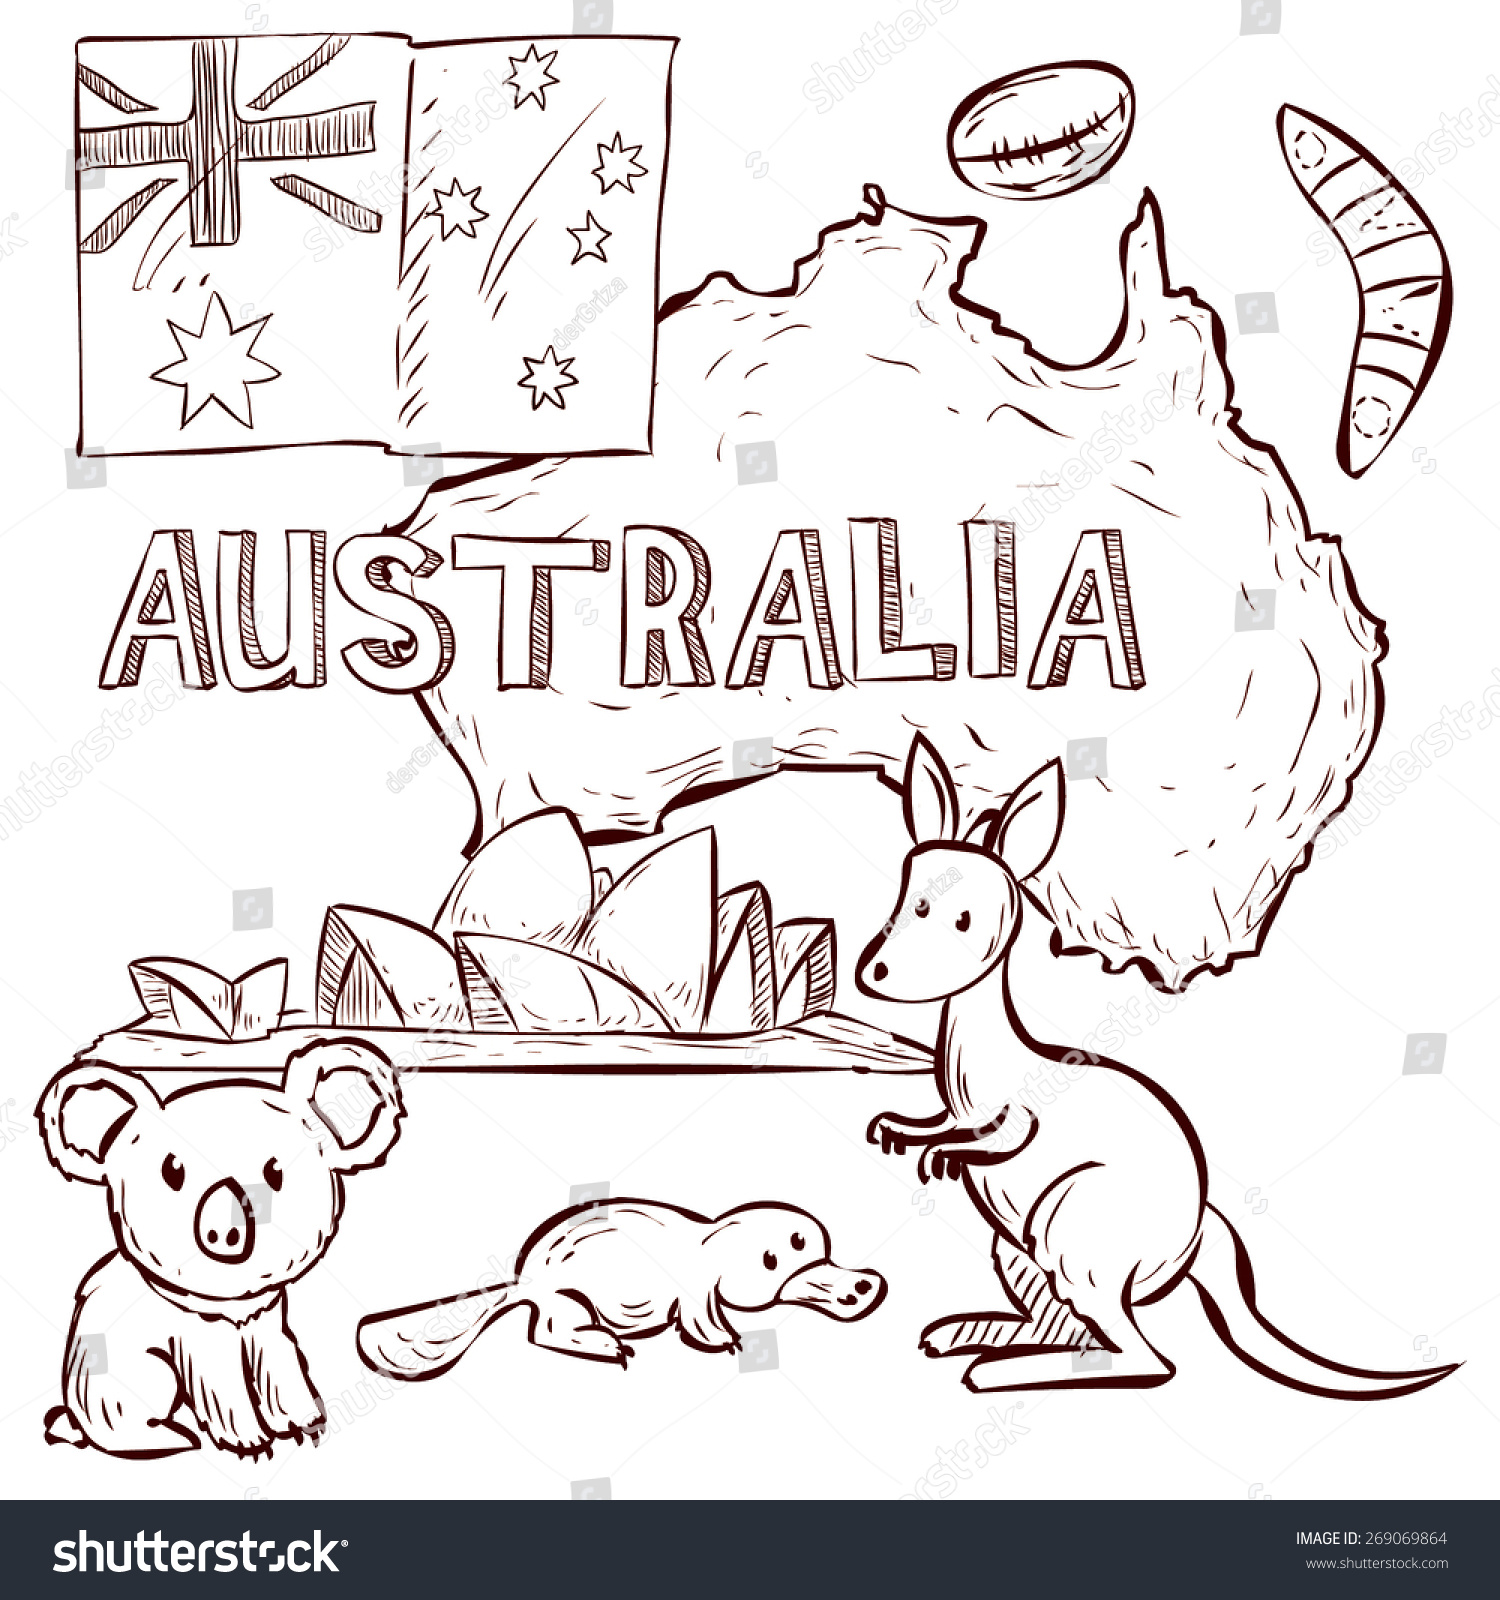 澳大利亚设计向量集.手绘的卡通插图.-动物/野生生物